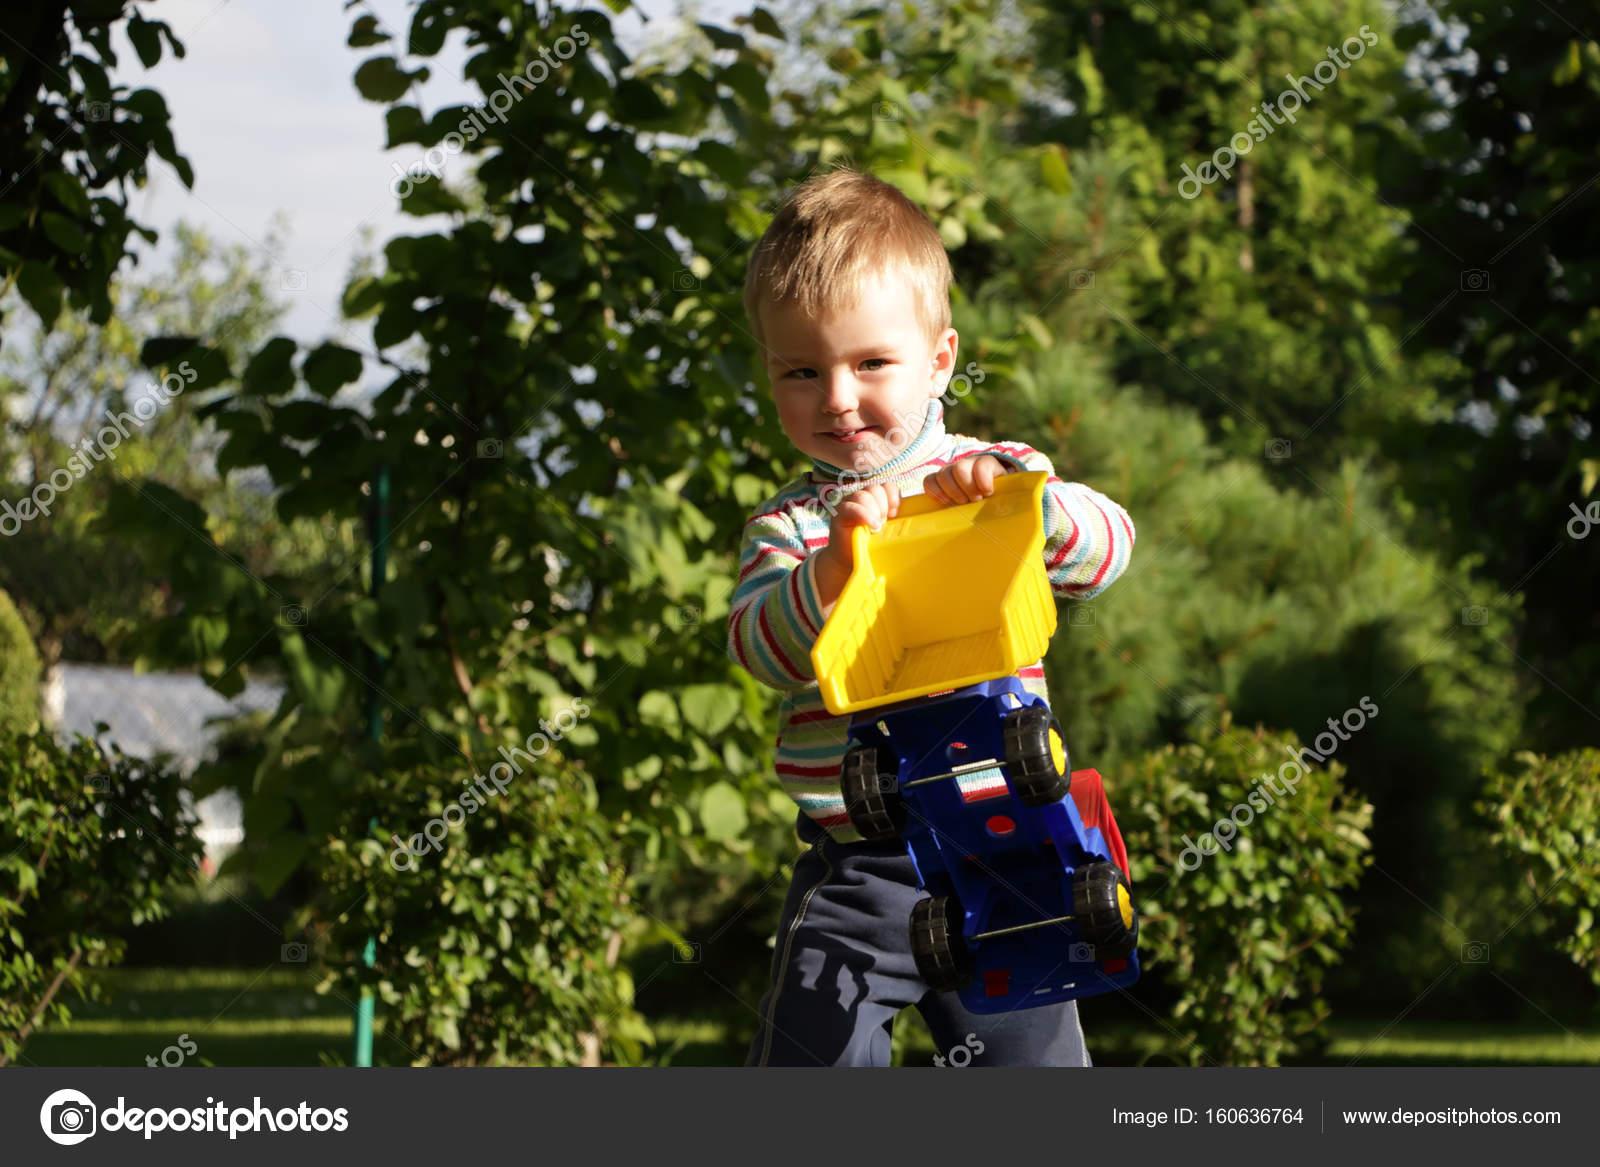 ein junge spielt in einem kinderspielzeug auto im garten — stockfoto